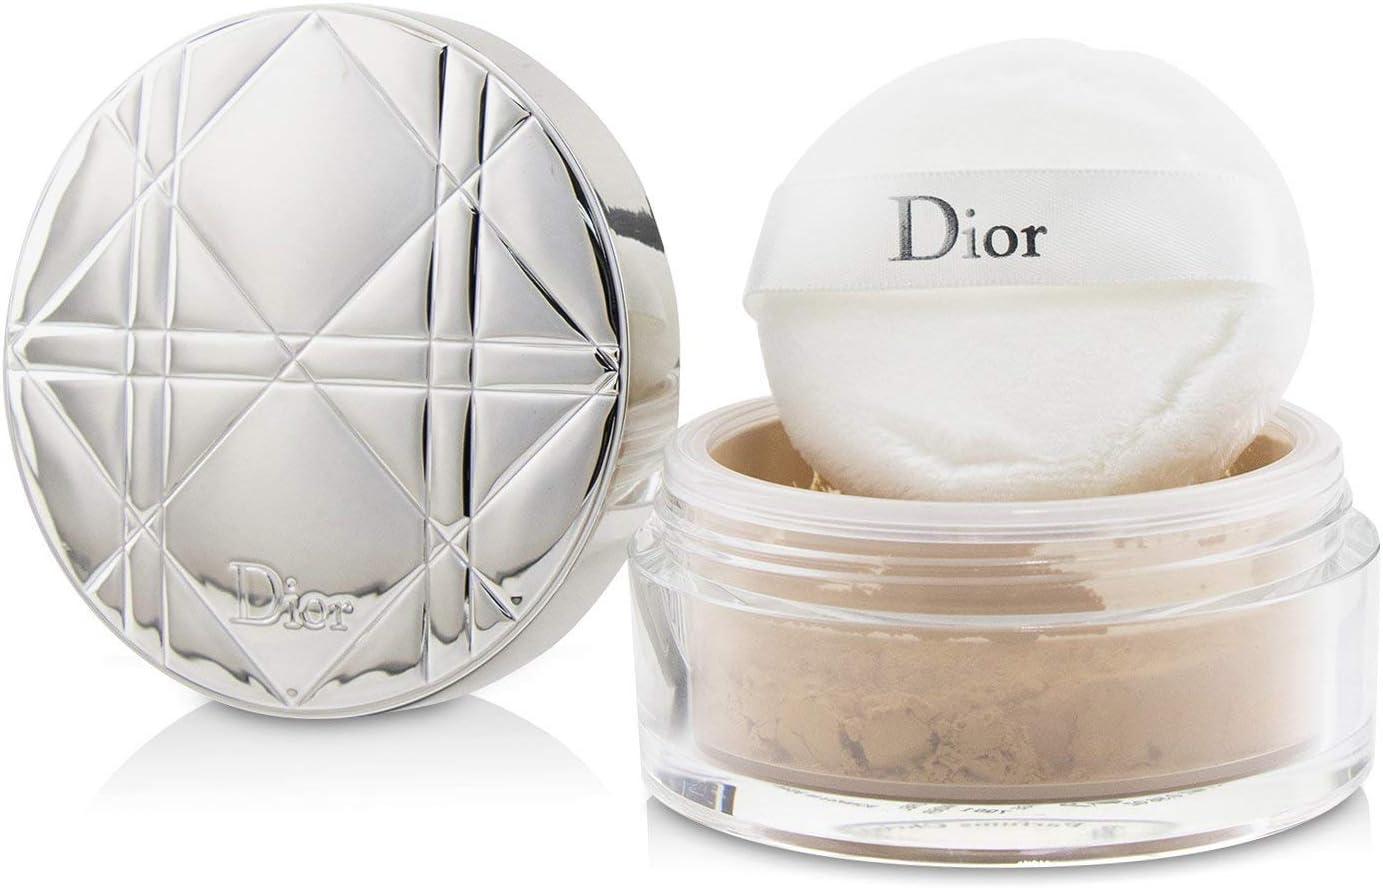 Christian Dior Diorskin Nude Air